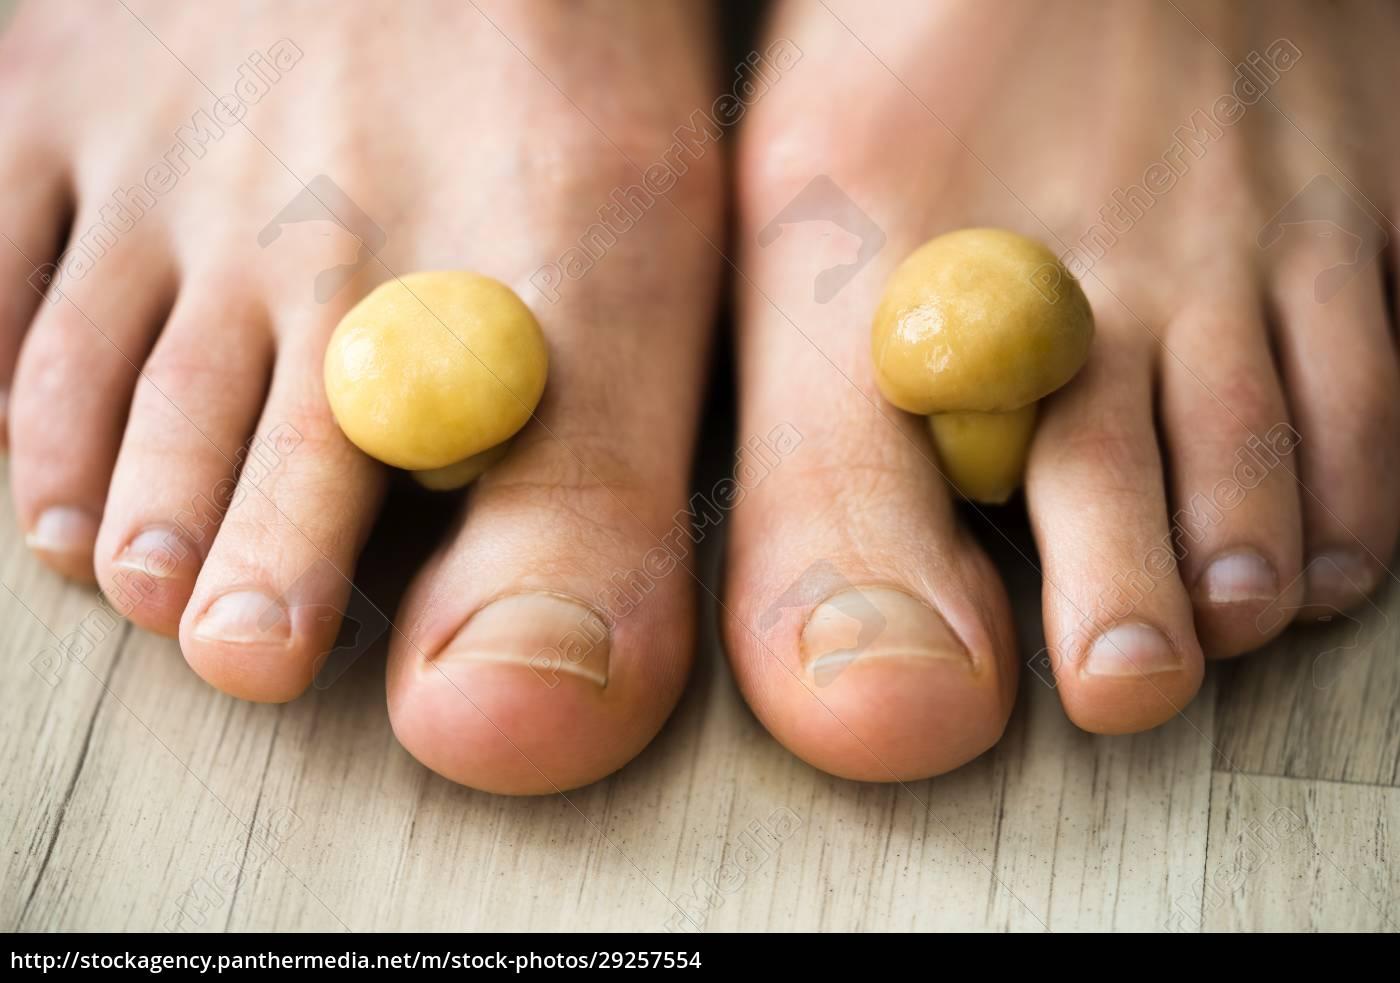 pilz, pilz, zwischen, zehennagel., smelly, feet - 29257554